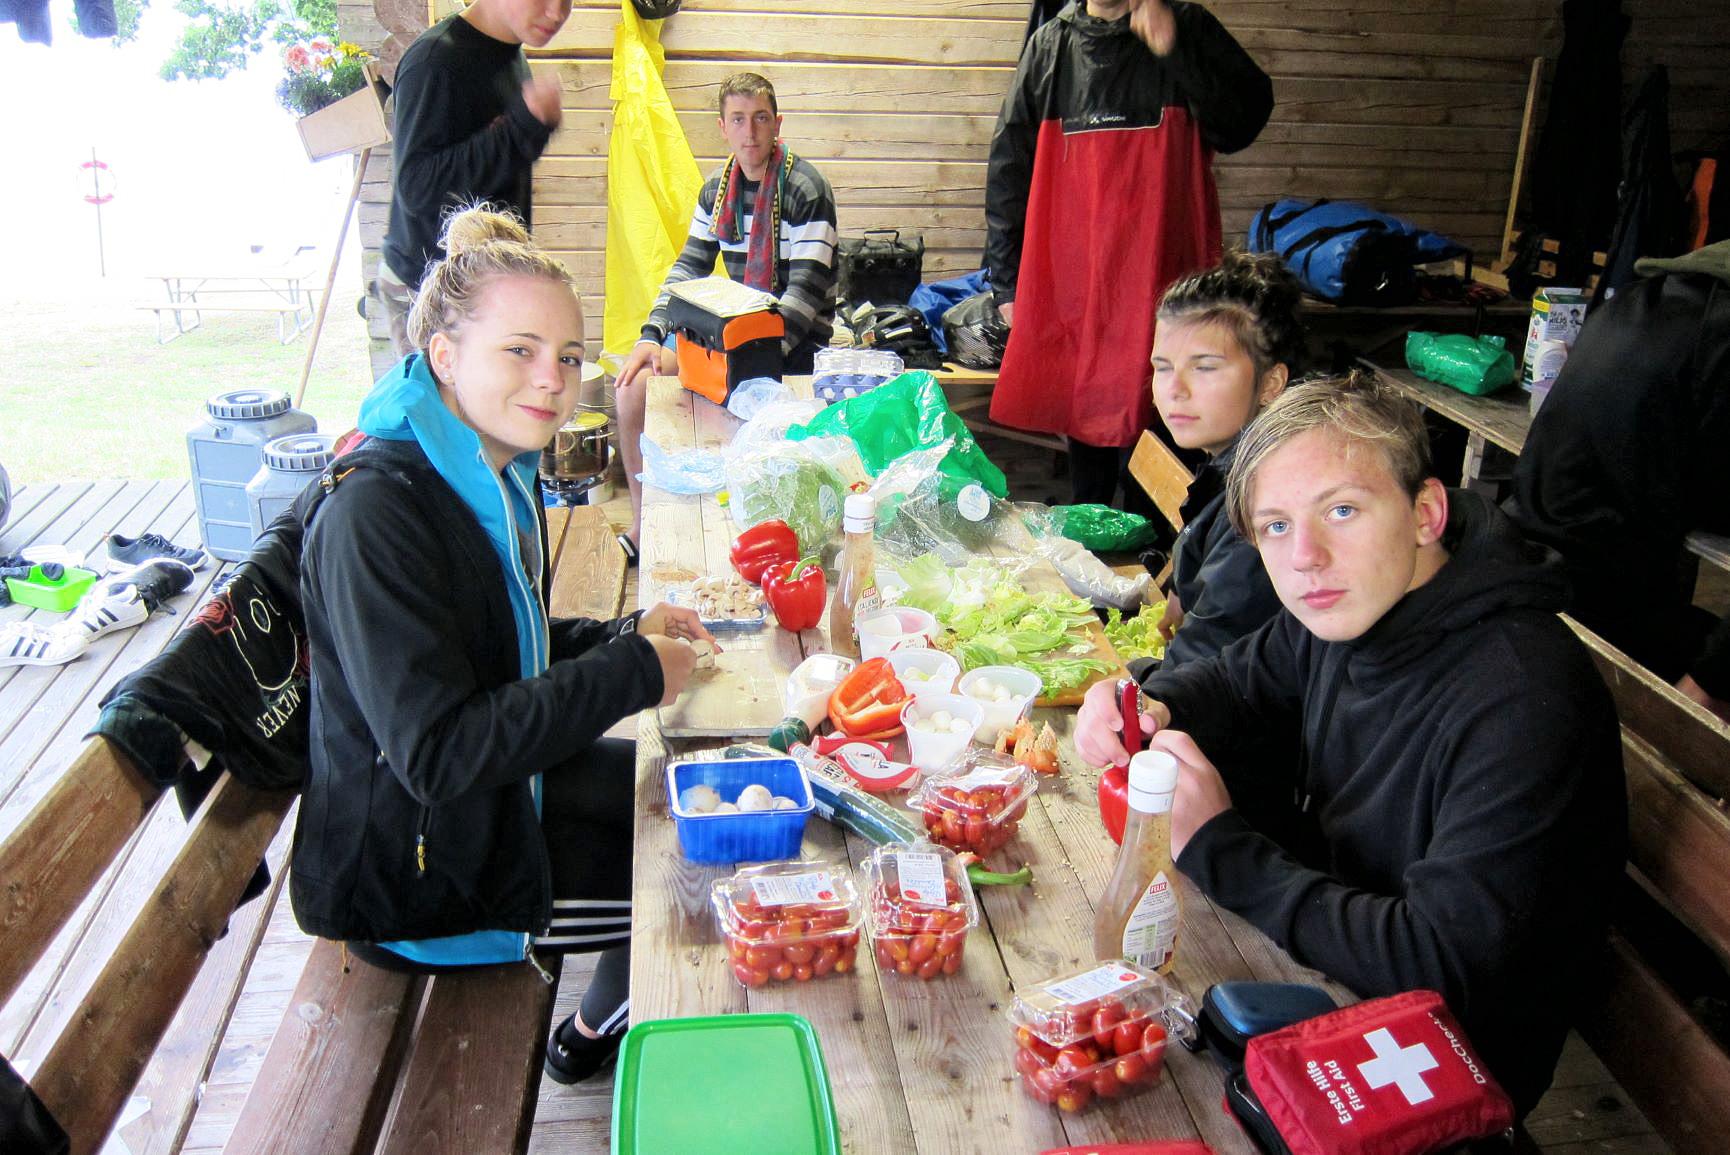 Essen wir gemeinsam gemacht - Schwedenfahrradtour 2019